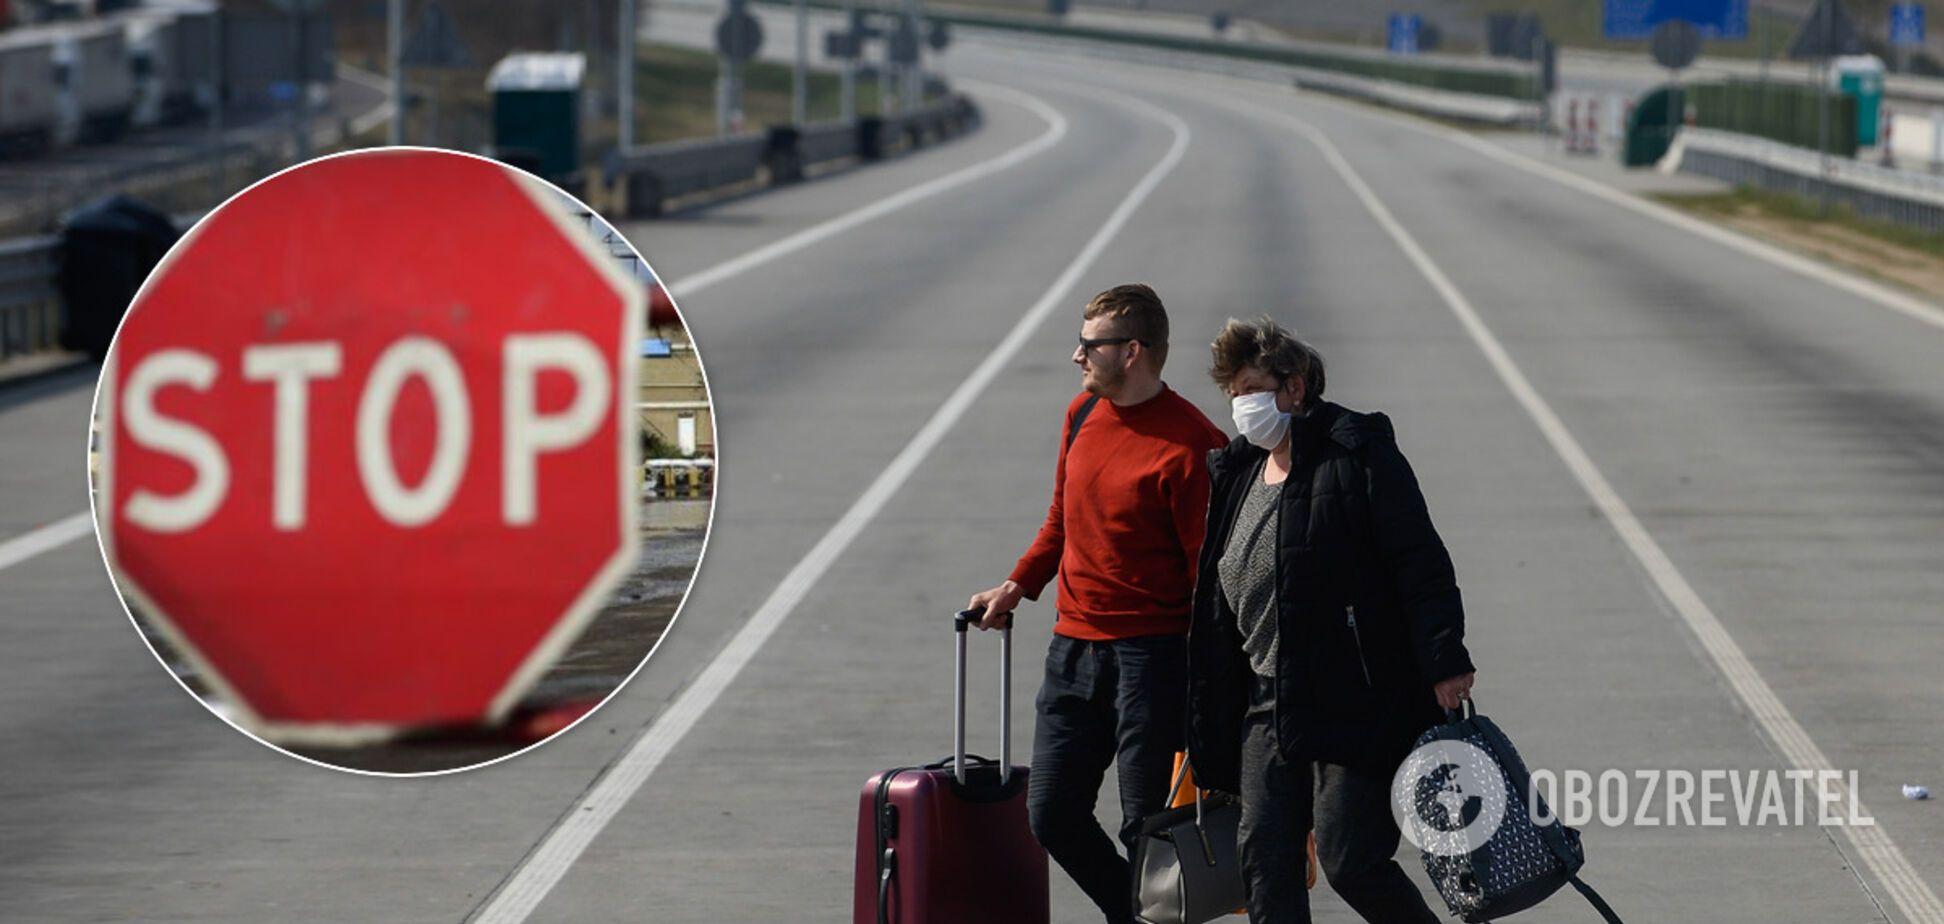 Як виїхати з України? Кордони закриті, але є лазівки – ексклюзив